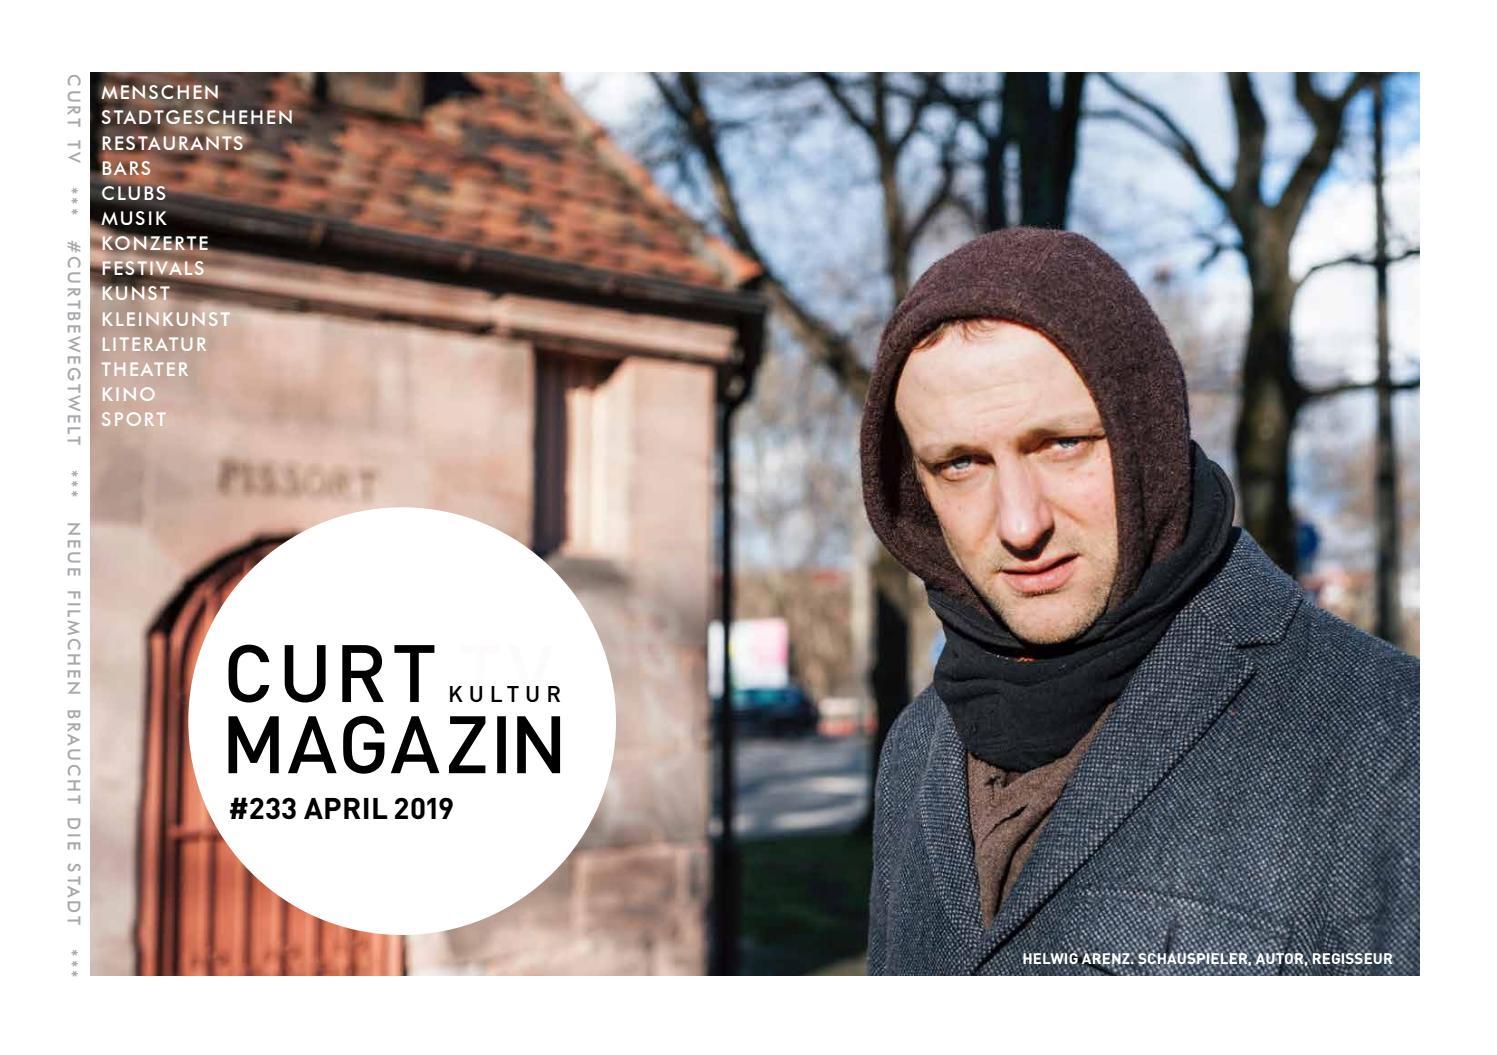 foto de curt N/F/E #233 April 2019 by curt Magazin + KURTi Magazin - issuu